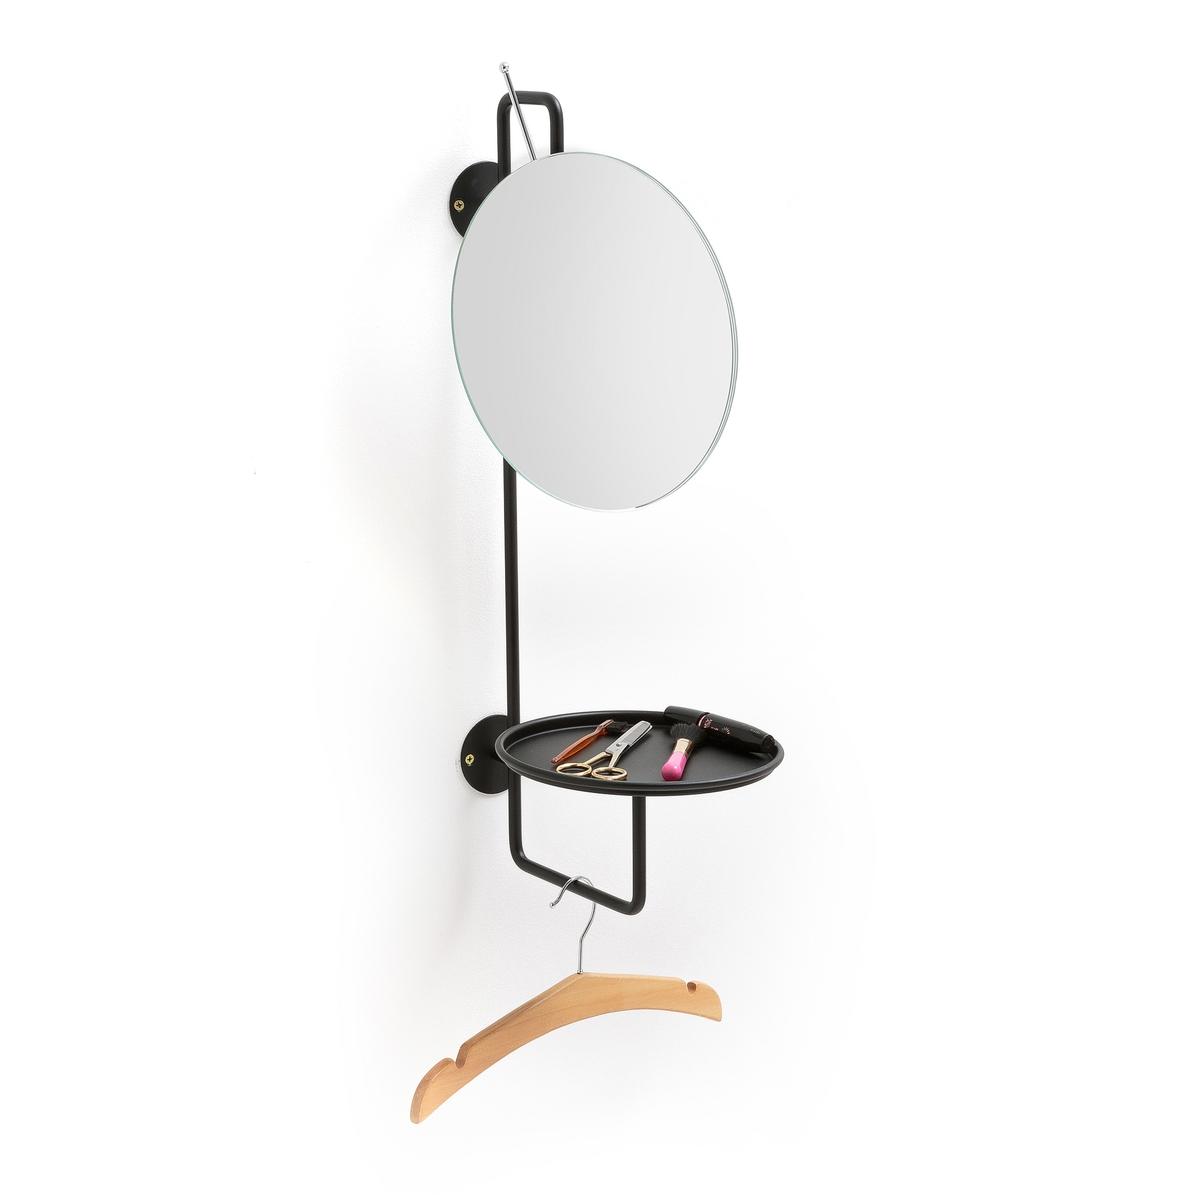 Зеркало круглое с полкой из металлаОписание:Зеркало круглое с полкой . Очень функциональное, можно разместить все ваши мелкие вещи . Яркий дизайн преобразит ваш интерьер  .Характеристики зеркала :Круглое зеркало1 полка из металла с черной матовой отделкой Крепится на стену Шурупы и дюбели продаются отдельноРазмеры зеркала :Диаметр : 25,5 см Глубина : 0,5 смРазмеры полки :Диаметр : 21 см Глубина : 1,1 см Общие размеры :Ширина : 25 см Глубина : 30 см. Высота : 60,5 смРасцветка : Черный Размеры и вес ящика :1 ящик 64 x 31,7 x 10 см 2,6 кг Доставка :Возможна доставка до двери по предварительной договоренности!Внимание ! Убедитесь, что посылку возможно доставить на дом, учитывая ее габариты.<br><br>Цвет: черный